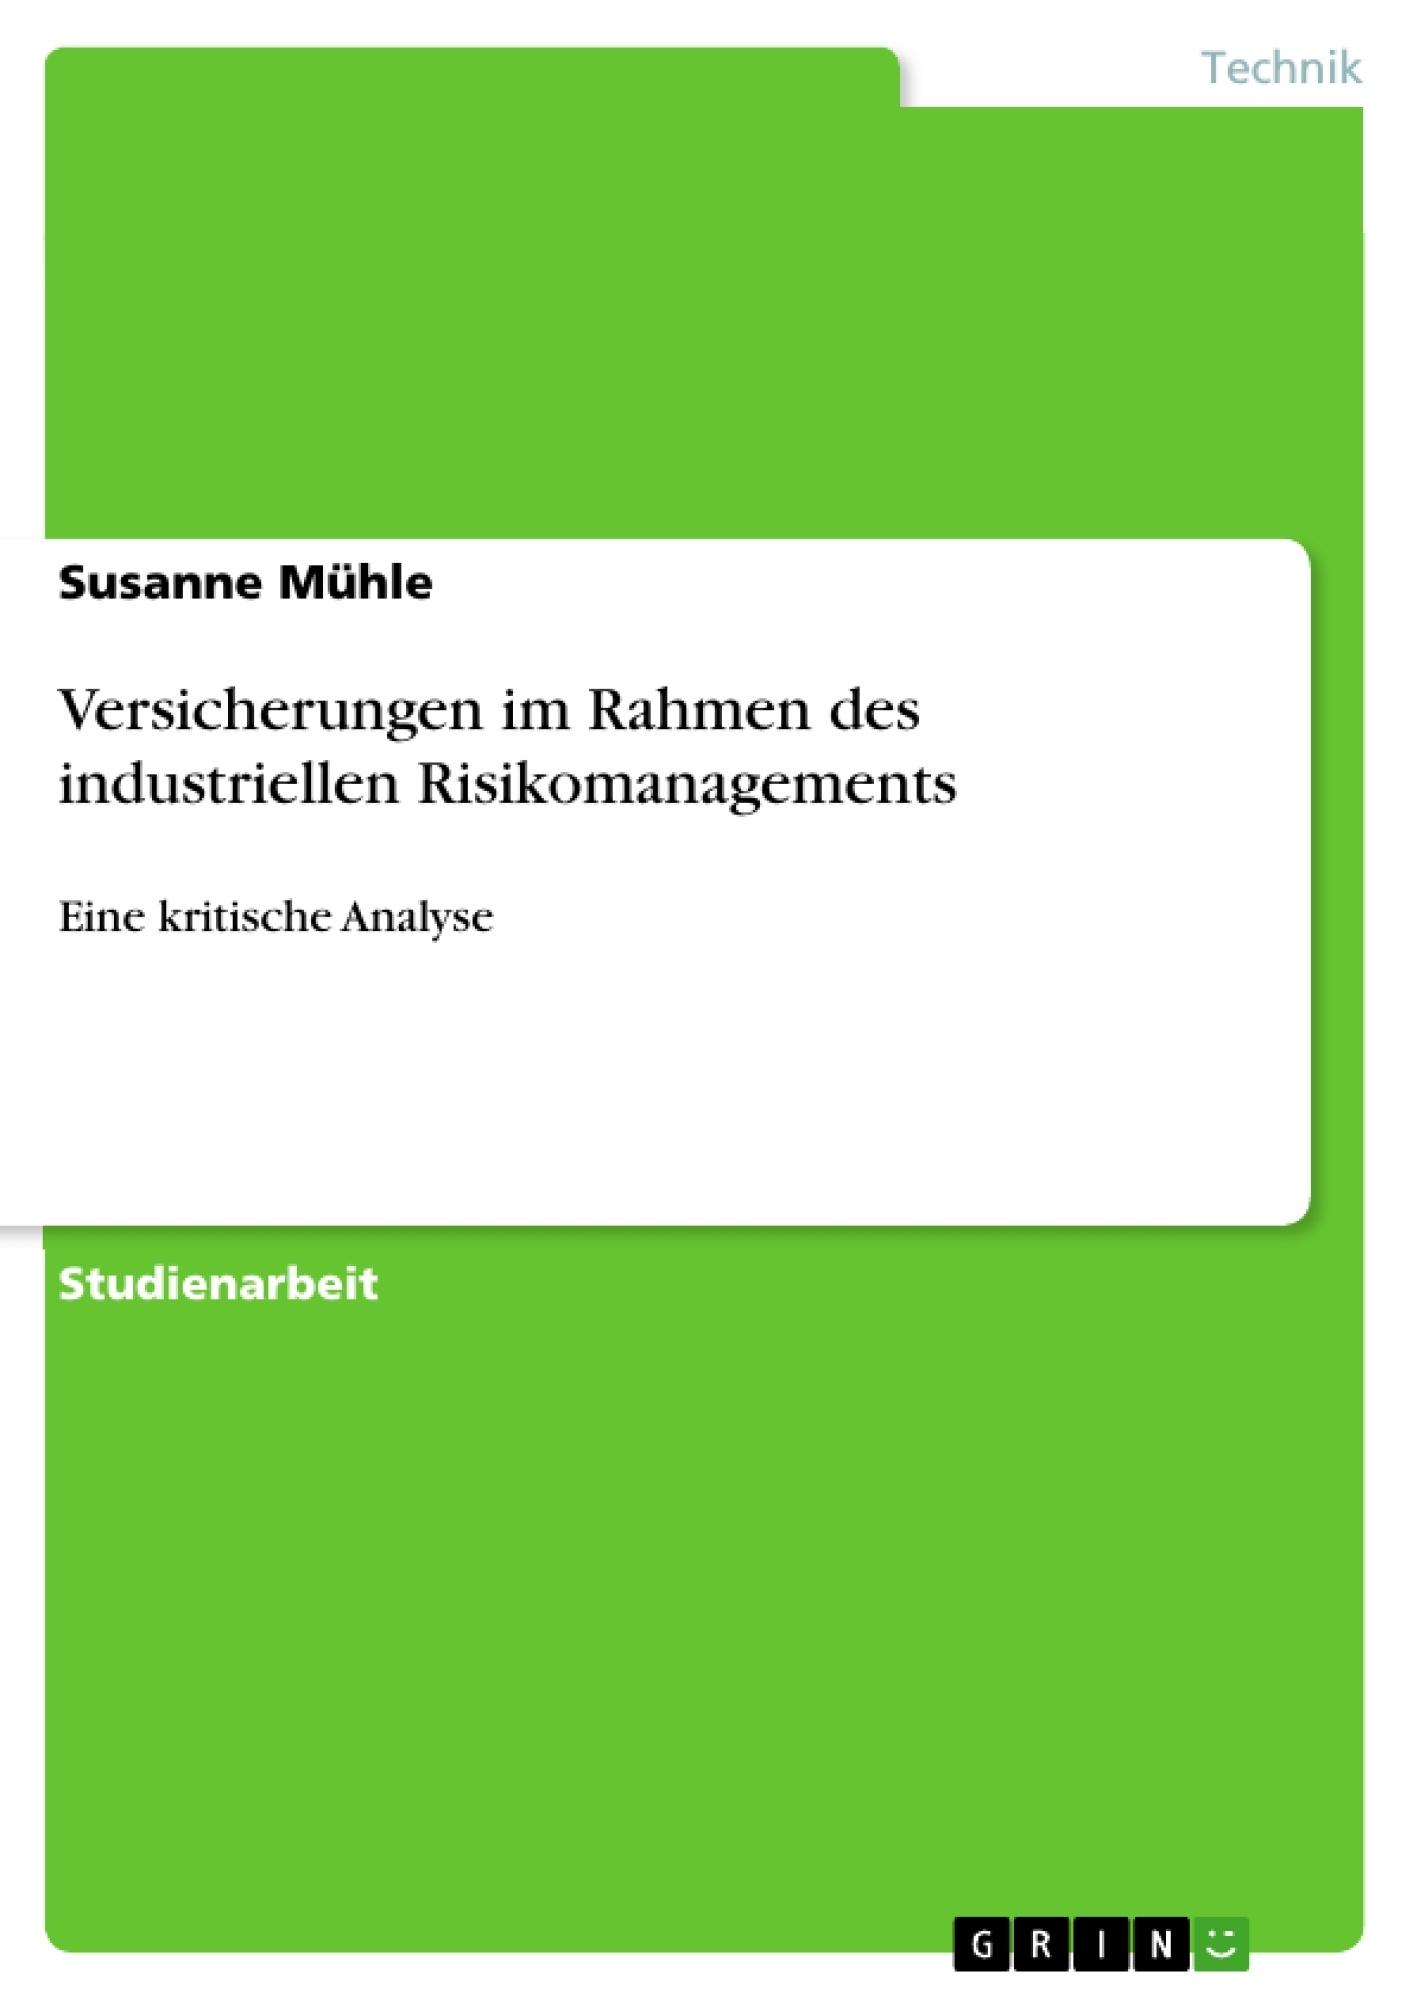 Titel: Versicherungen im Rahmen des industriellen Risikomanagements